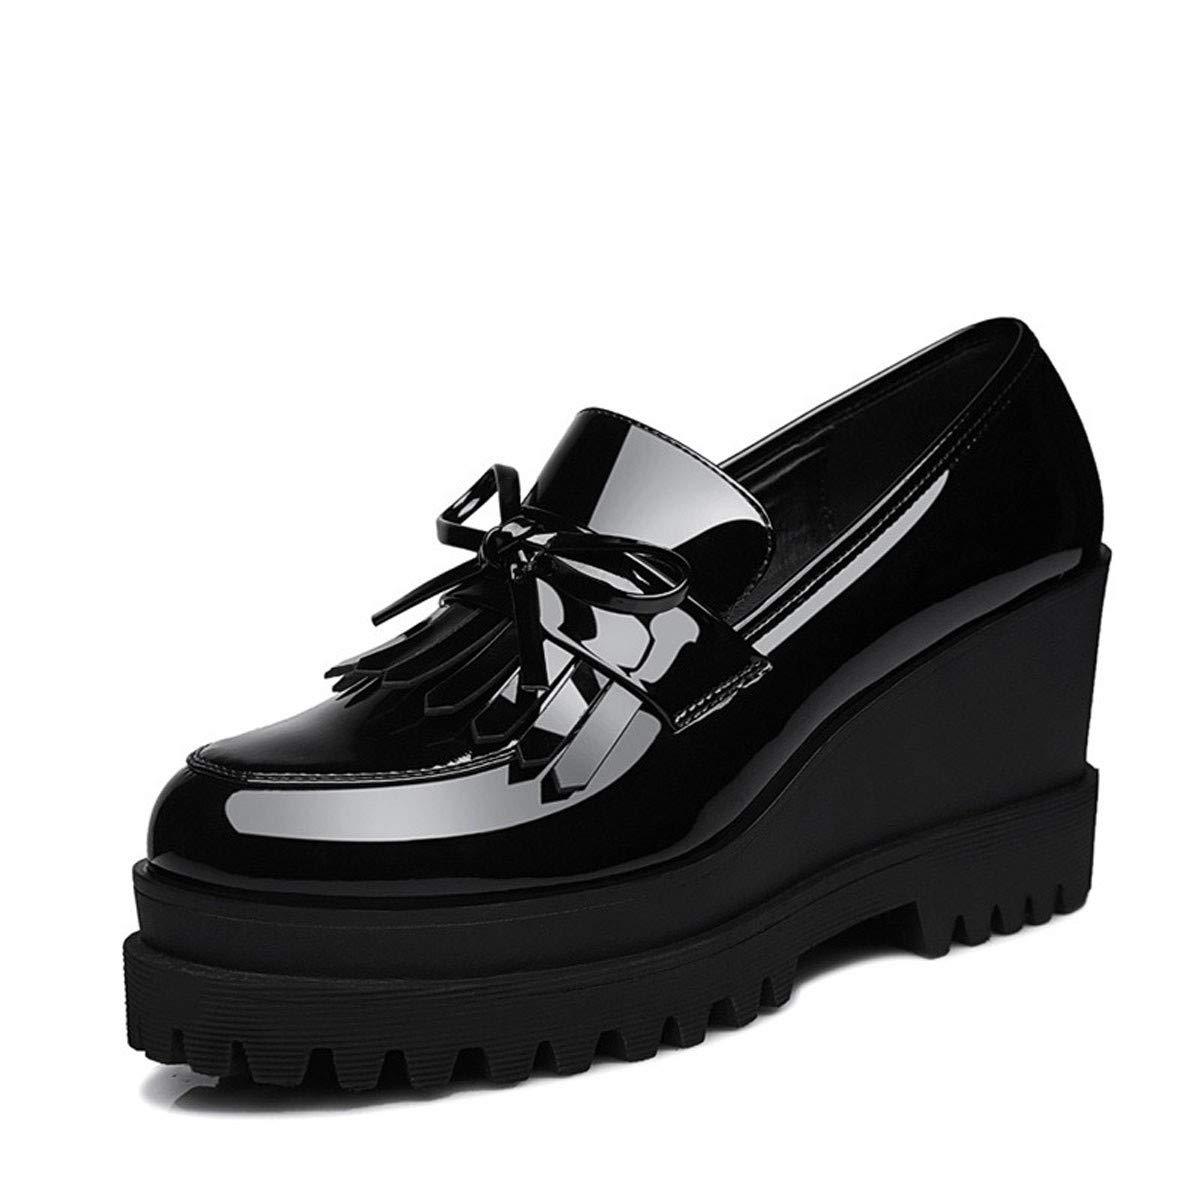 HBDLH Damenschuhe Frühling Damenschuhe Steigung 100 Heels Einzelne Schuhe Freizeit Dicke Sohle Koreanischen Version 100 Steigung Sätze b29464